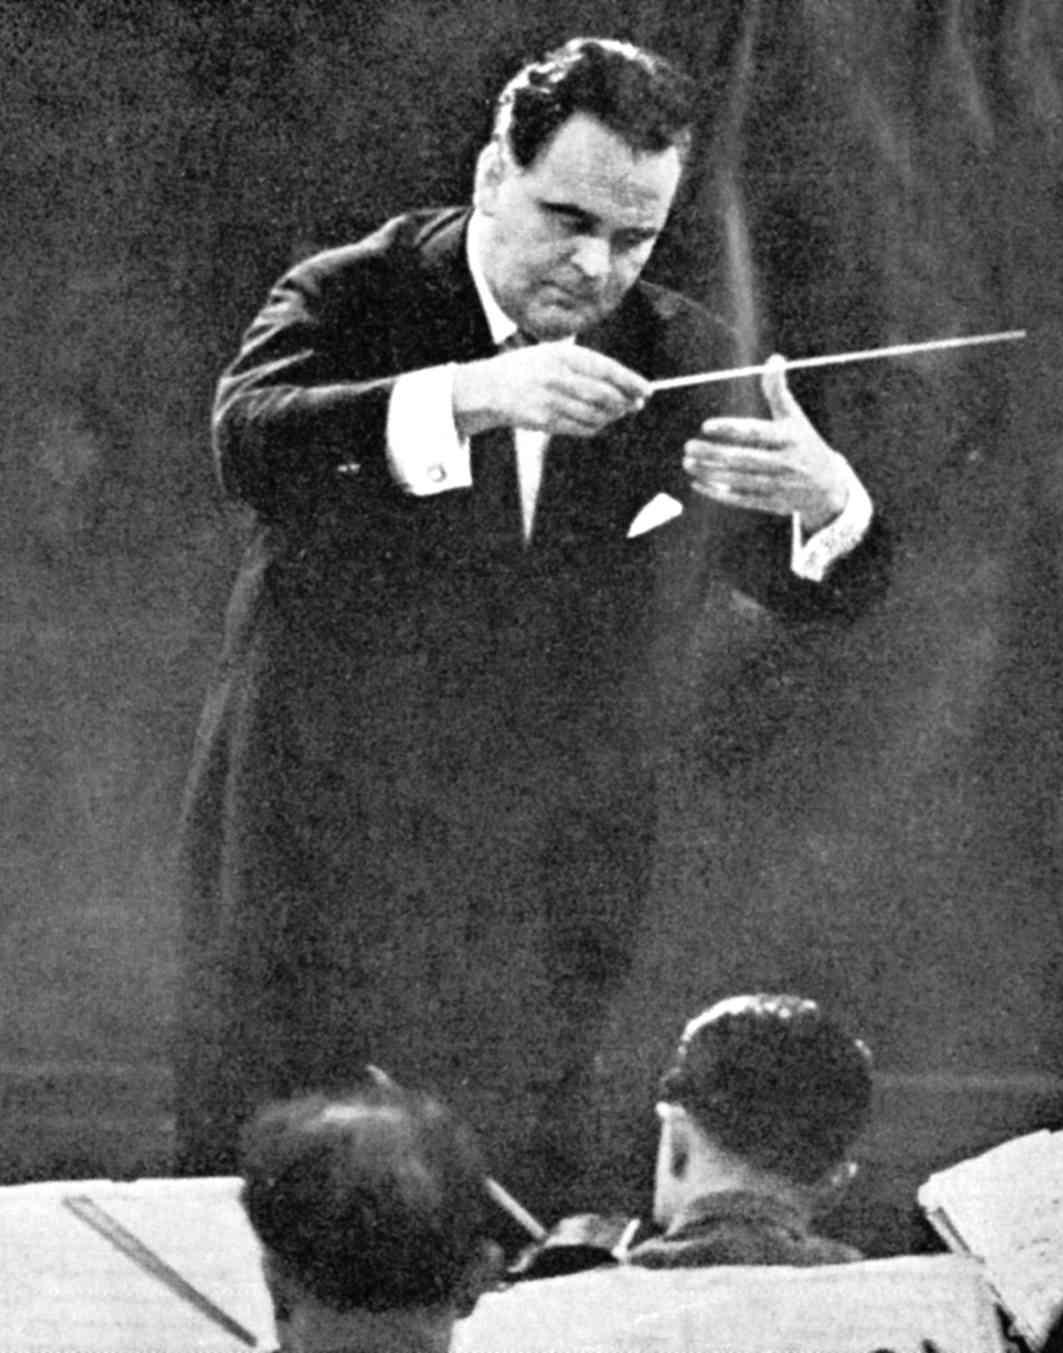 Wilhelm Schüchter en 1962 - Photo de la collection de Harry Schultz, Copyright Dortmunder Theatersammlung, tous droits réservés